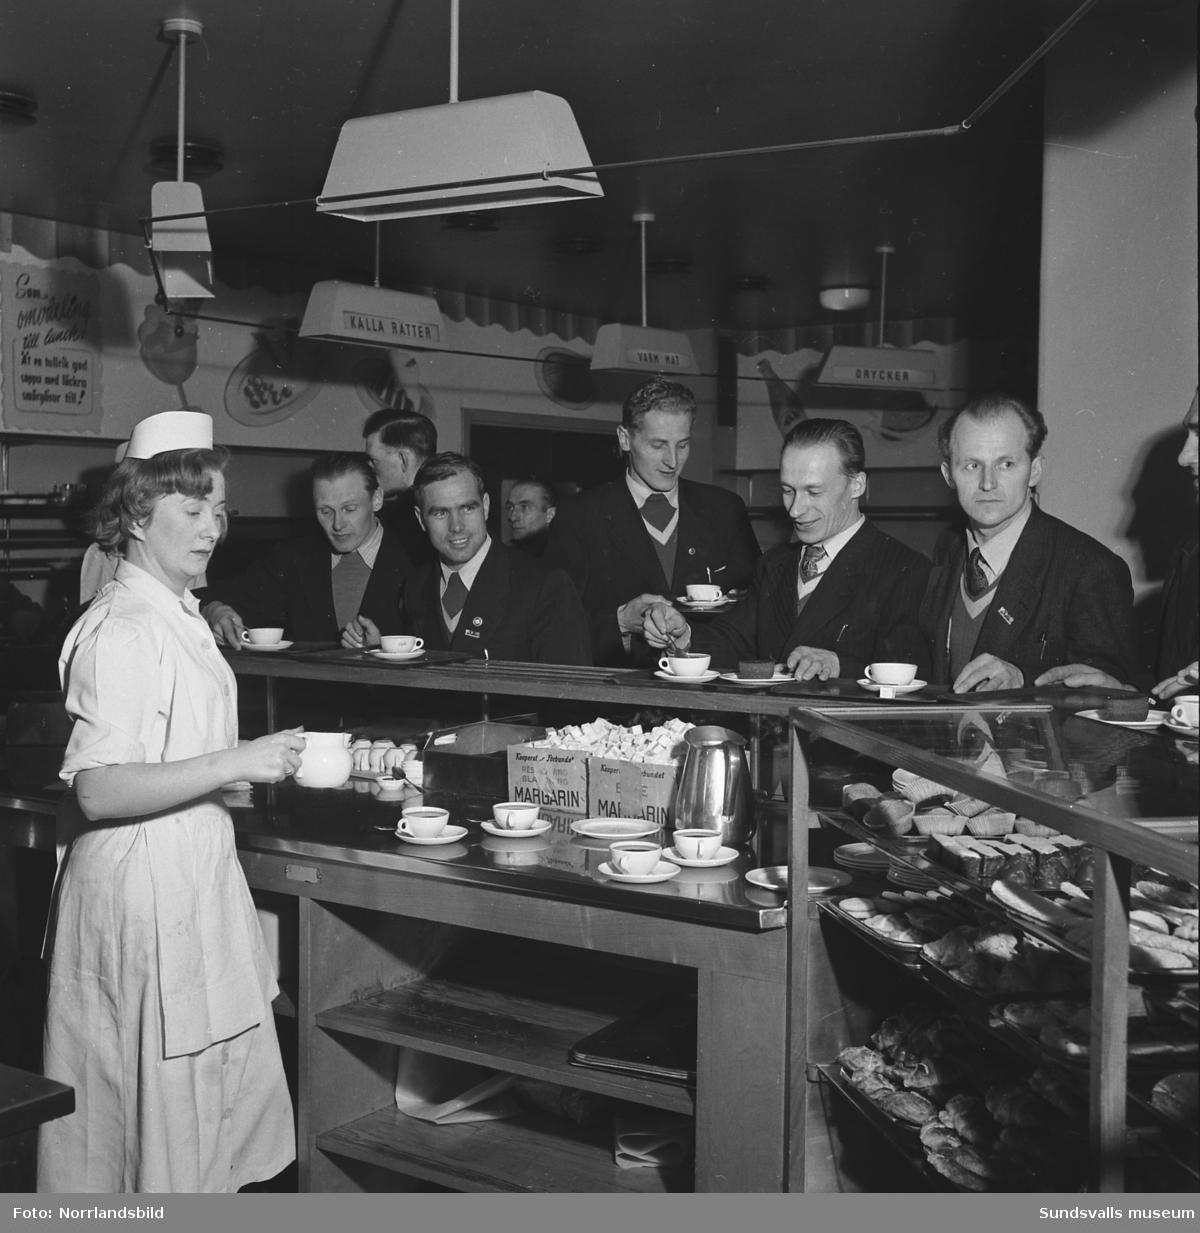 Svenska skidspelen 1951 avgjordes i Sundsvall. Den finska truppen har anlänt och passar på att ta en fika på KPS självservering.